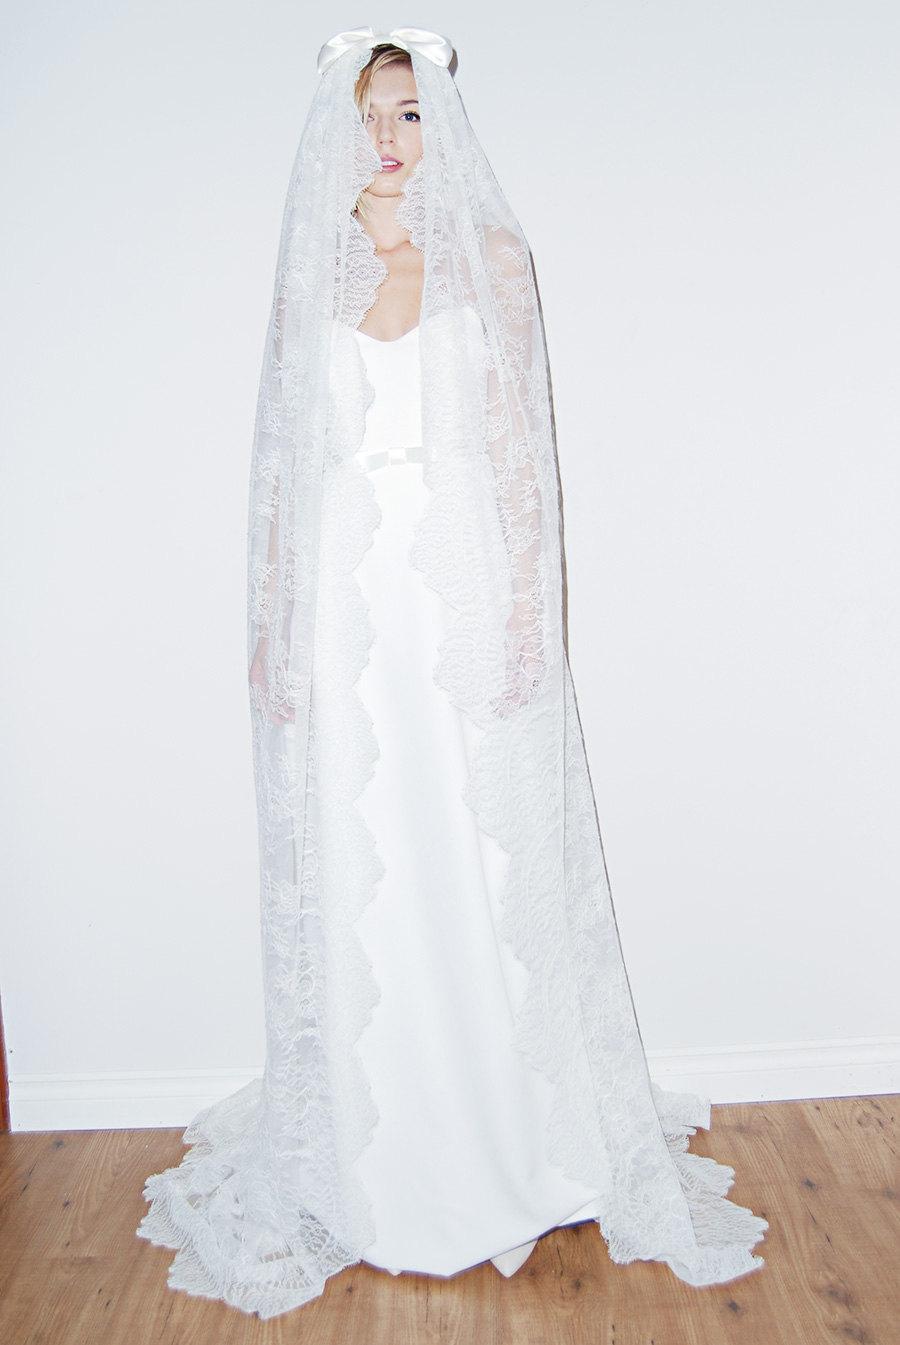 Свадьба - Lace Wedding Veil, Long Lace Veil, Boho Veil, Bow Lace Veil, Bridal Veil, Wedding Veil, Satin Bow Lace Veil